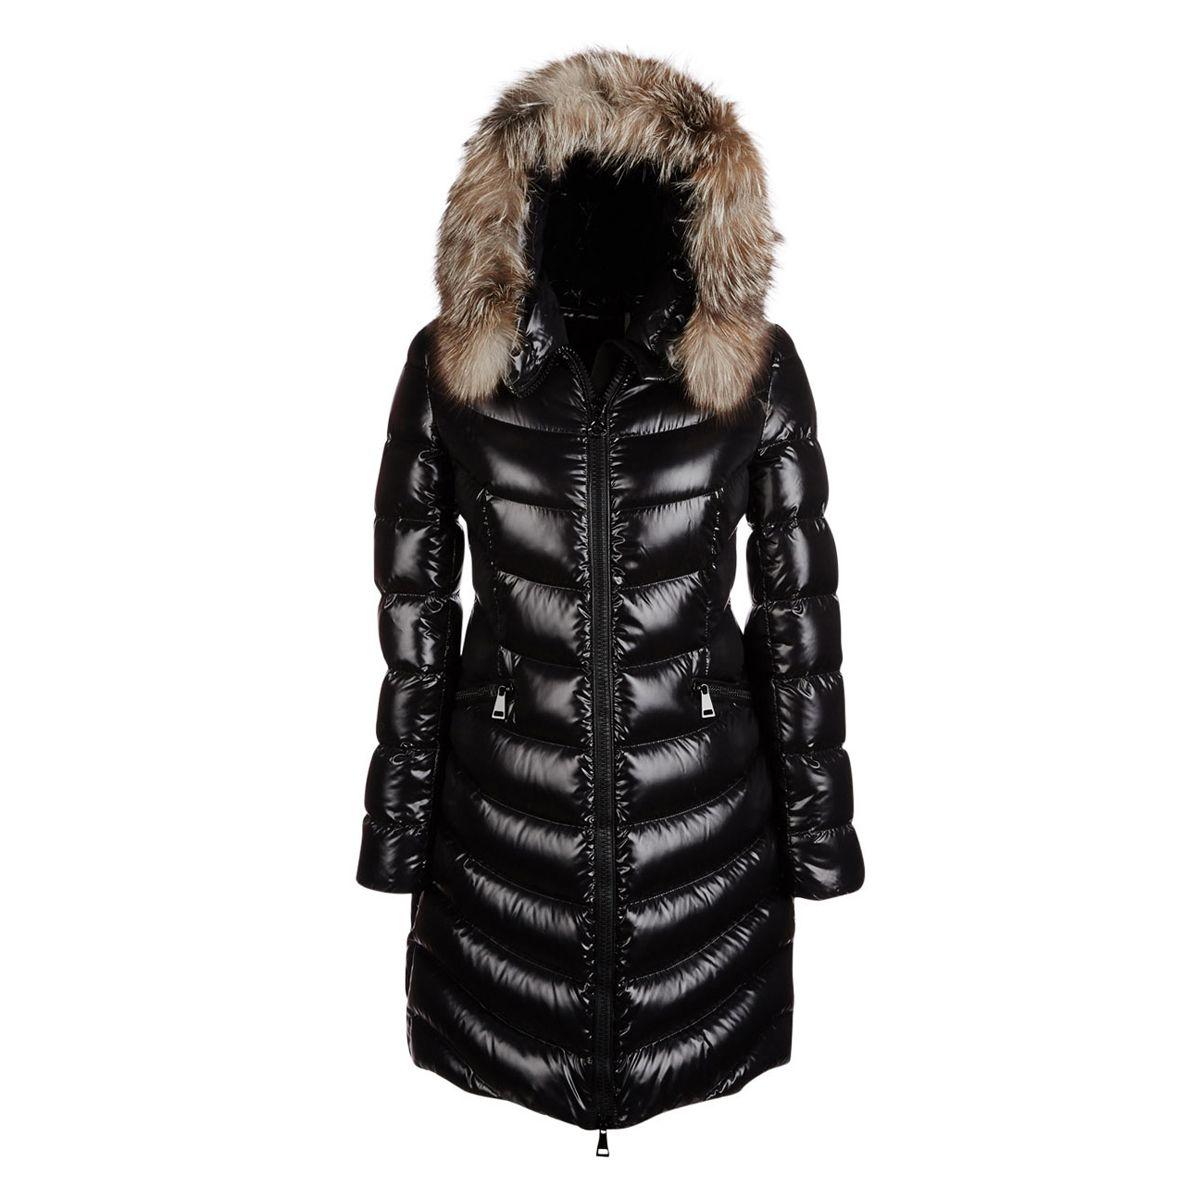 Doudoune semi-longue Aphia à capuchon bordé de fourrure - 2 375    MONCLER  Aphia fur-trimmed puffer coat de31290d0cd